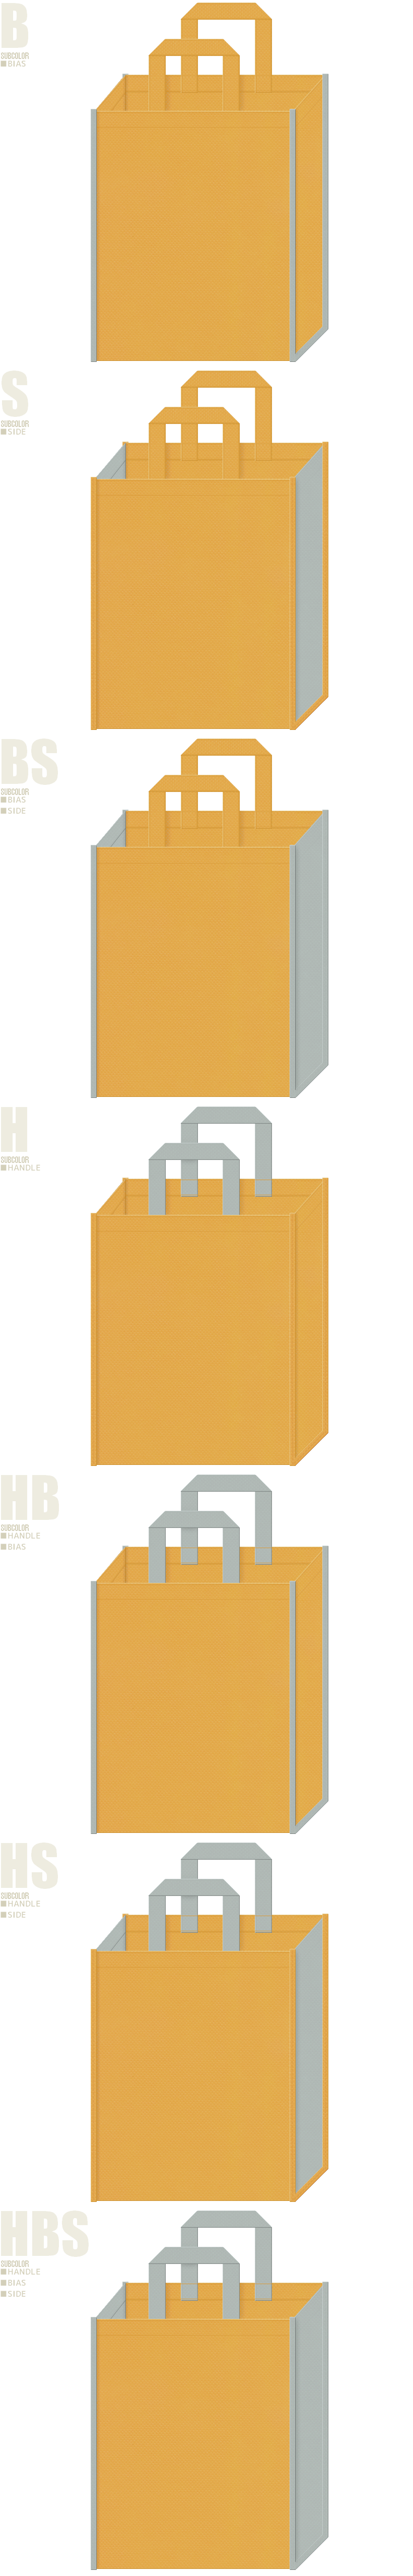 不織布バッグのデザイン:黄土色とグレー色の配色7パターン